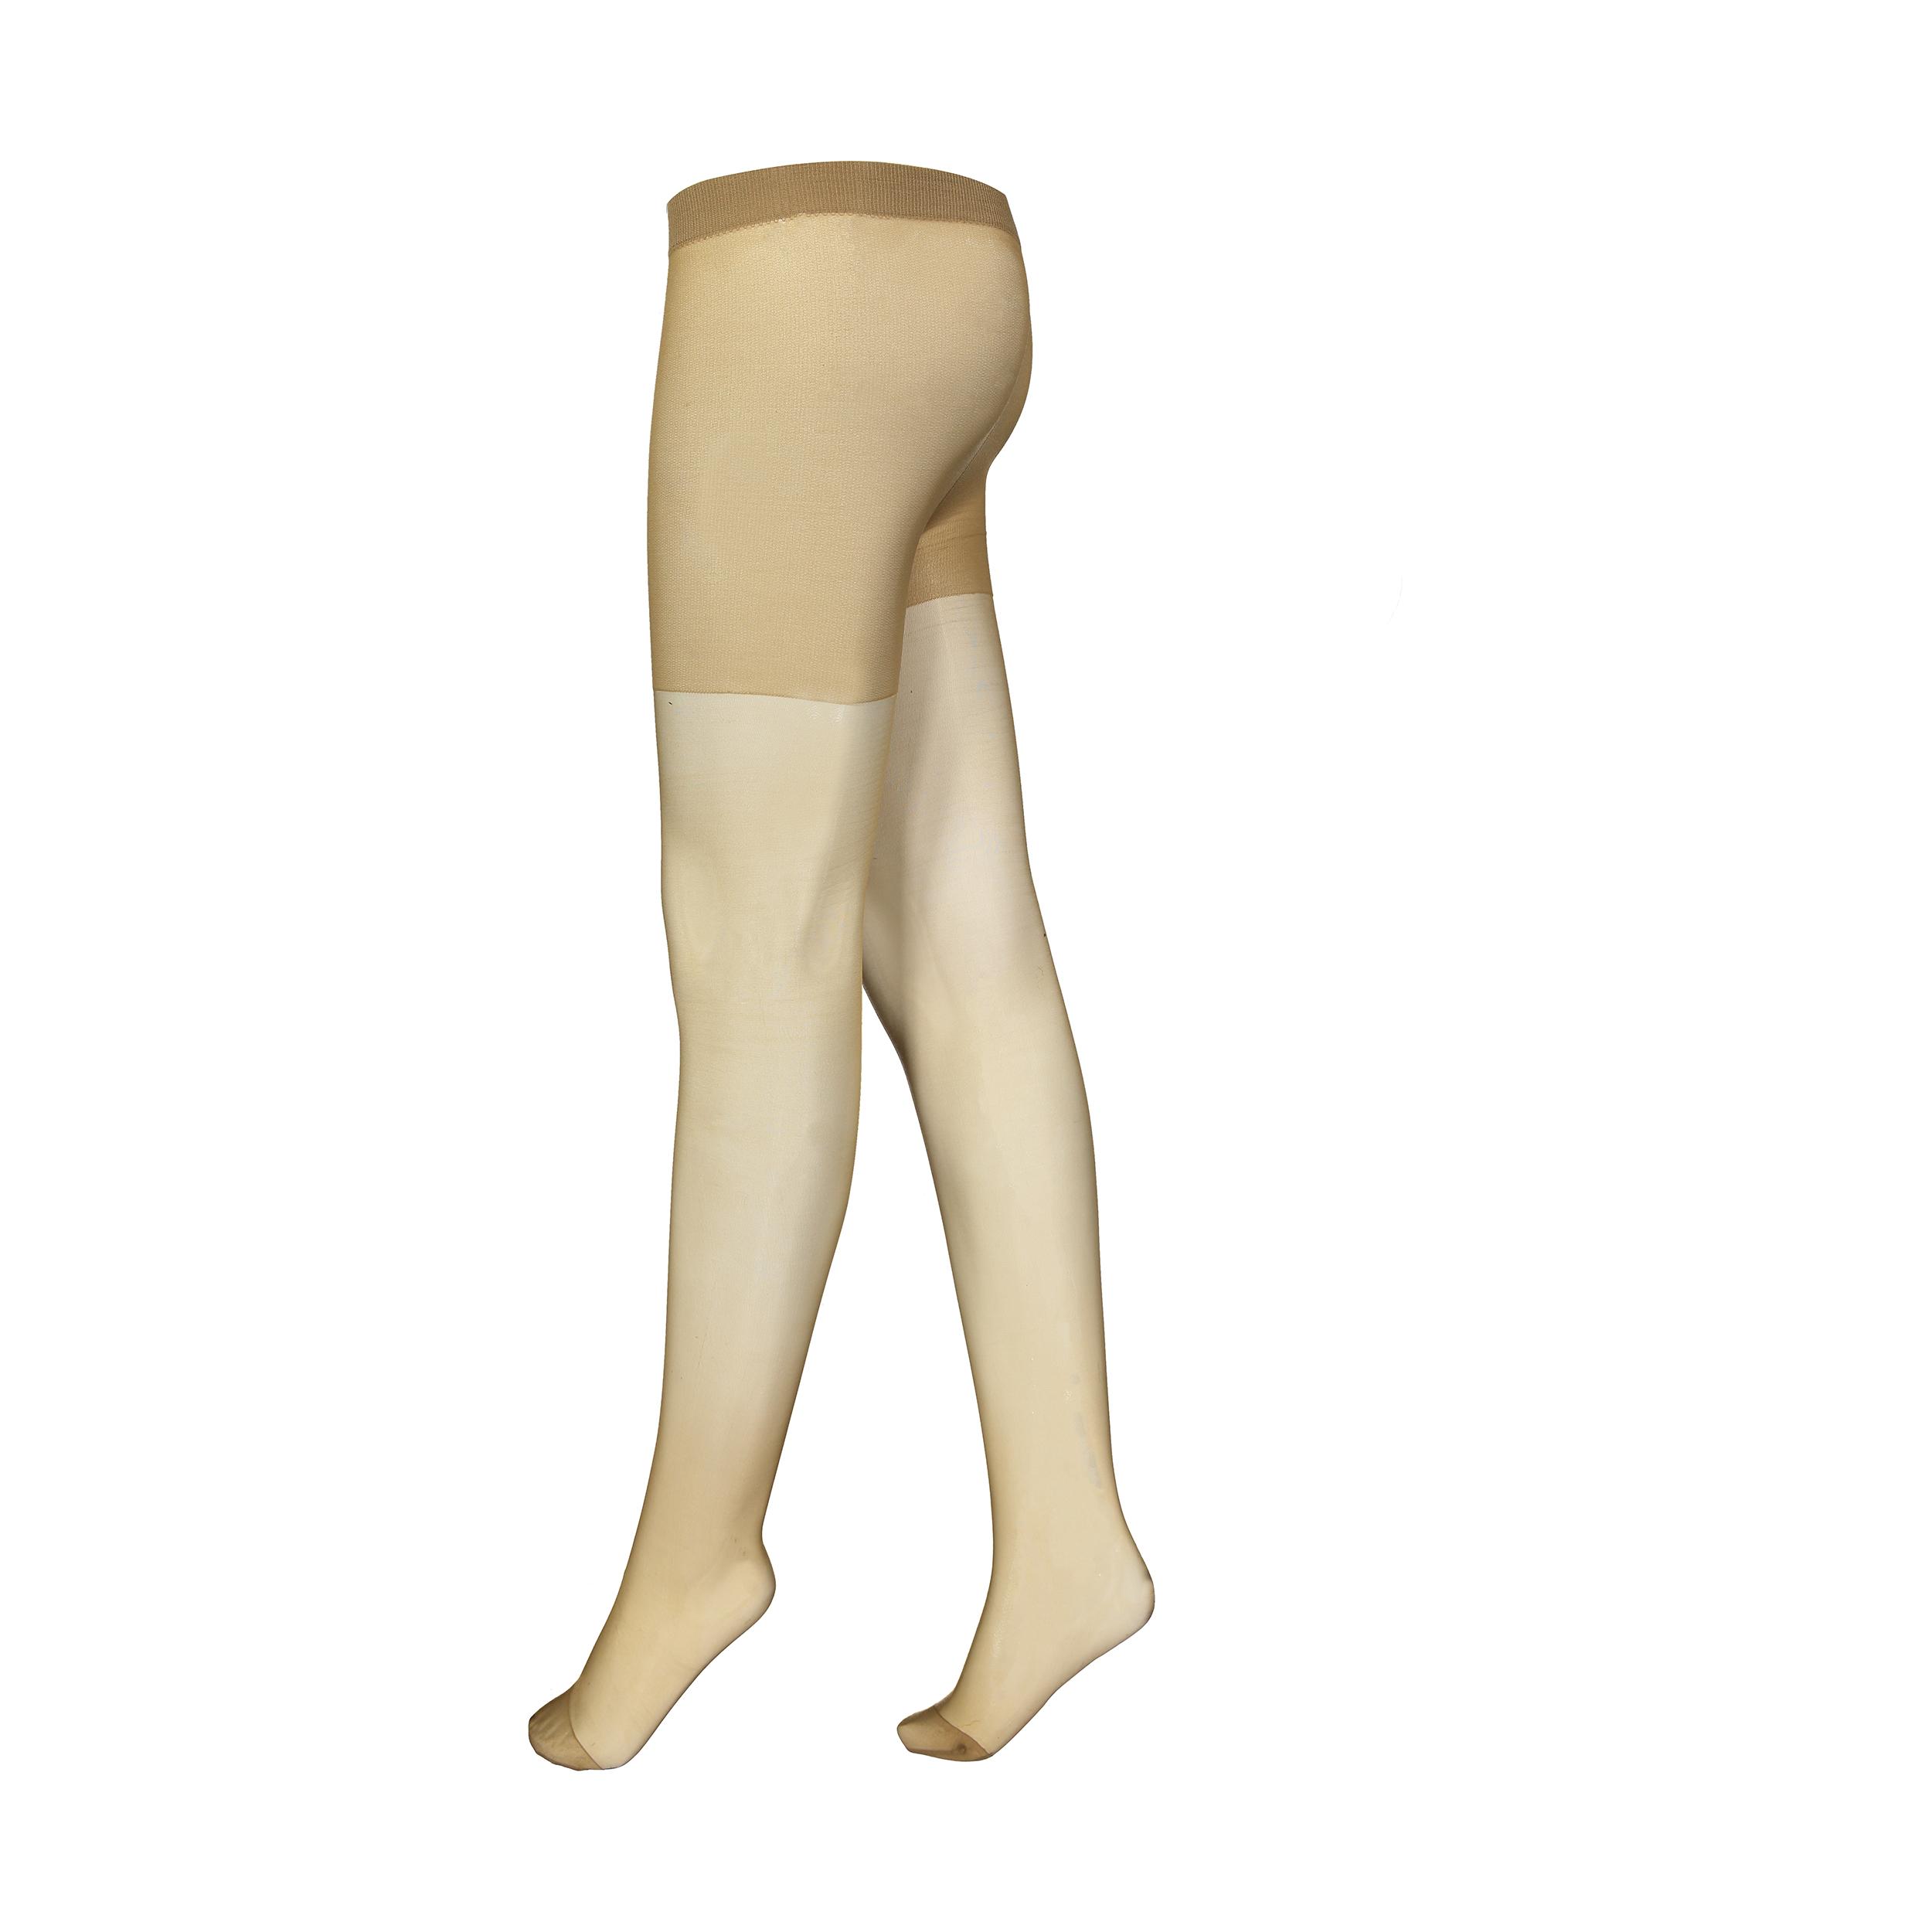 جوراب شلواری زنانه پِنتی مدل 12-32